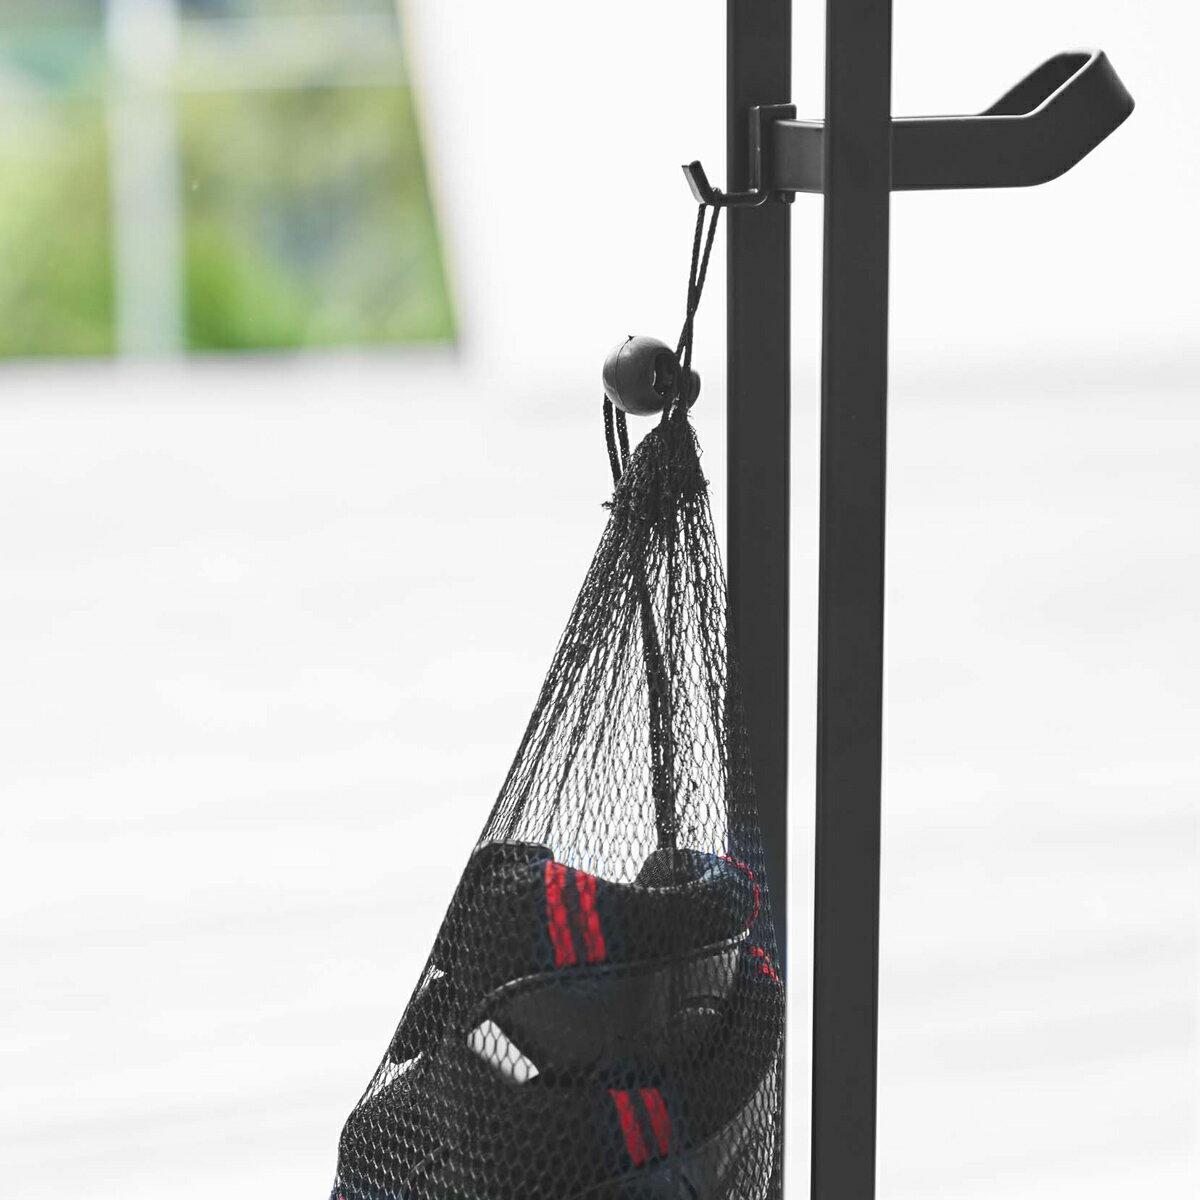 日本Tower  /  居家生活 兒童滑步車 置物架  /  roomy-ymz19jan24h45  /  日本必買 日本樂天直送(3730) /  件件含運 5